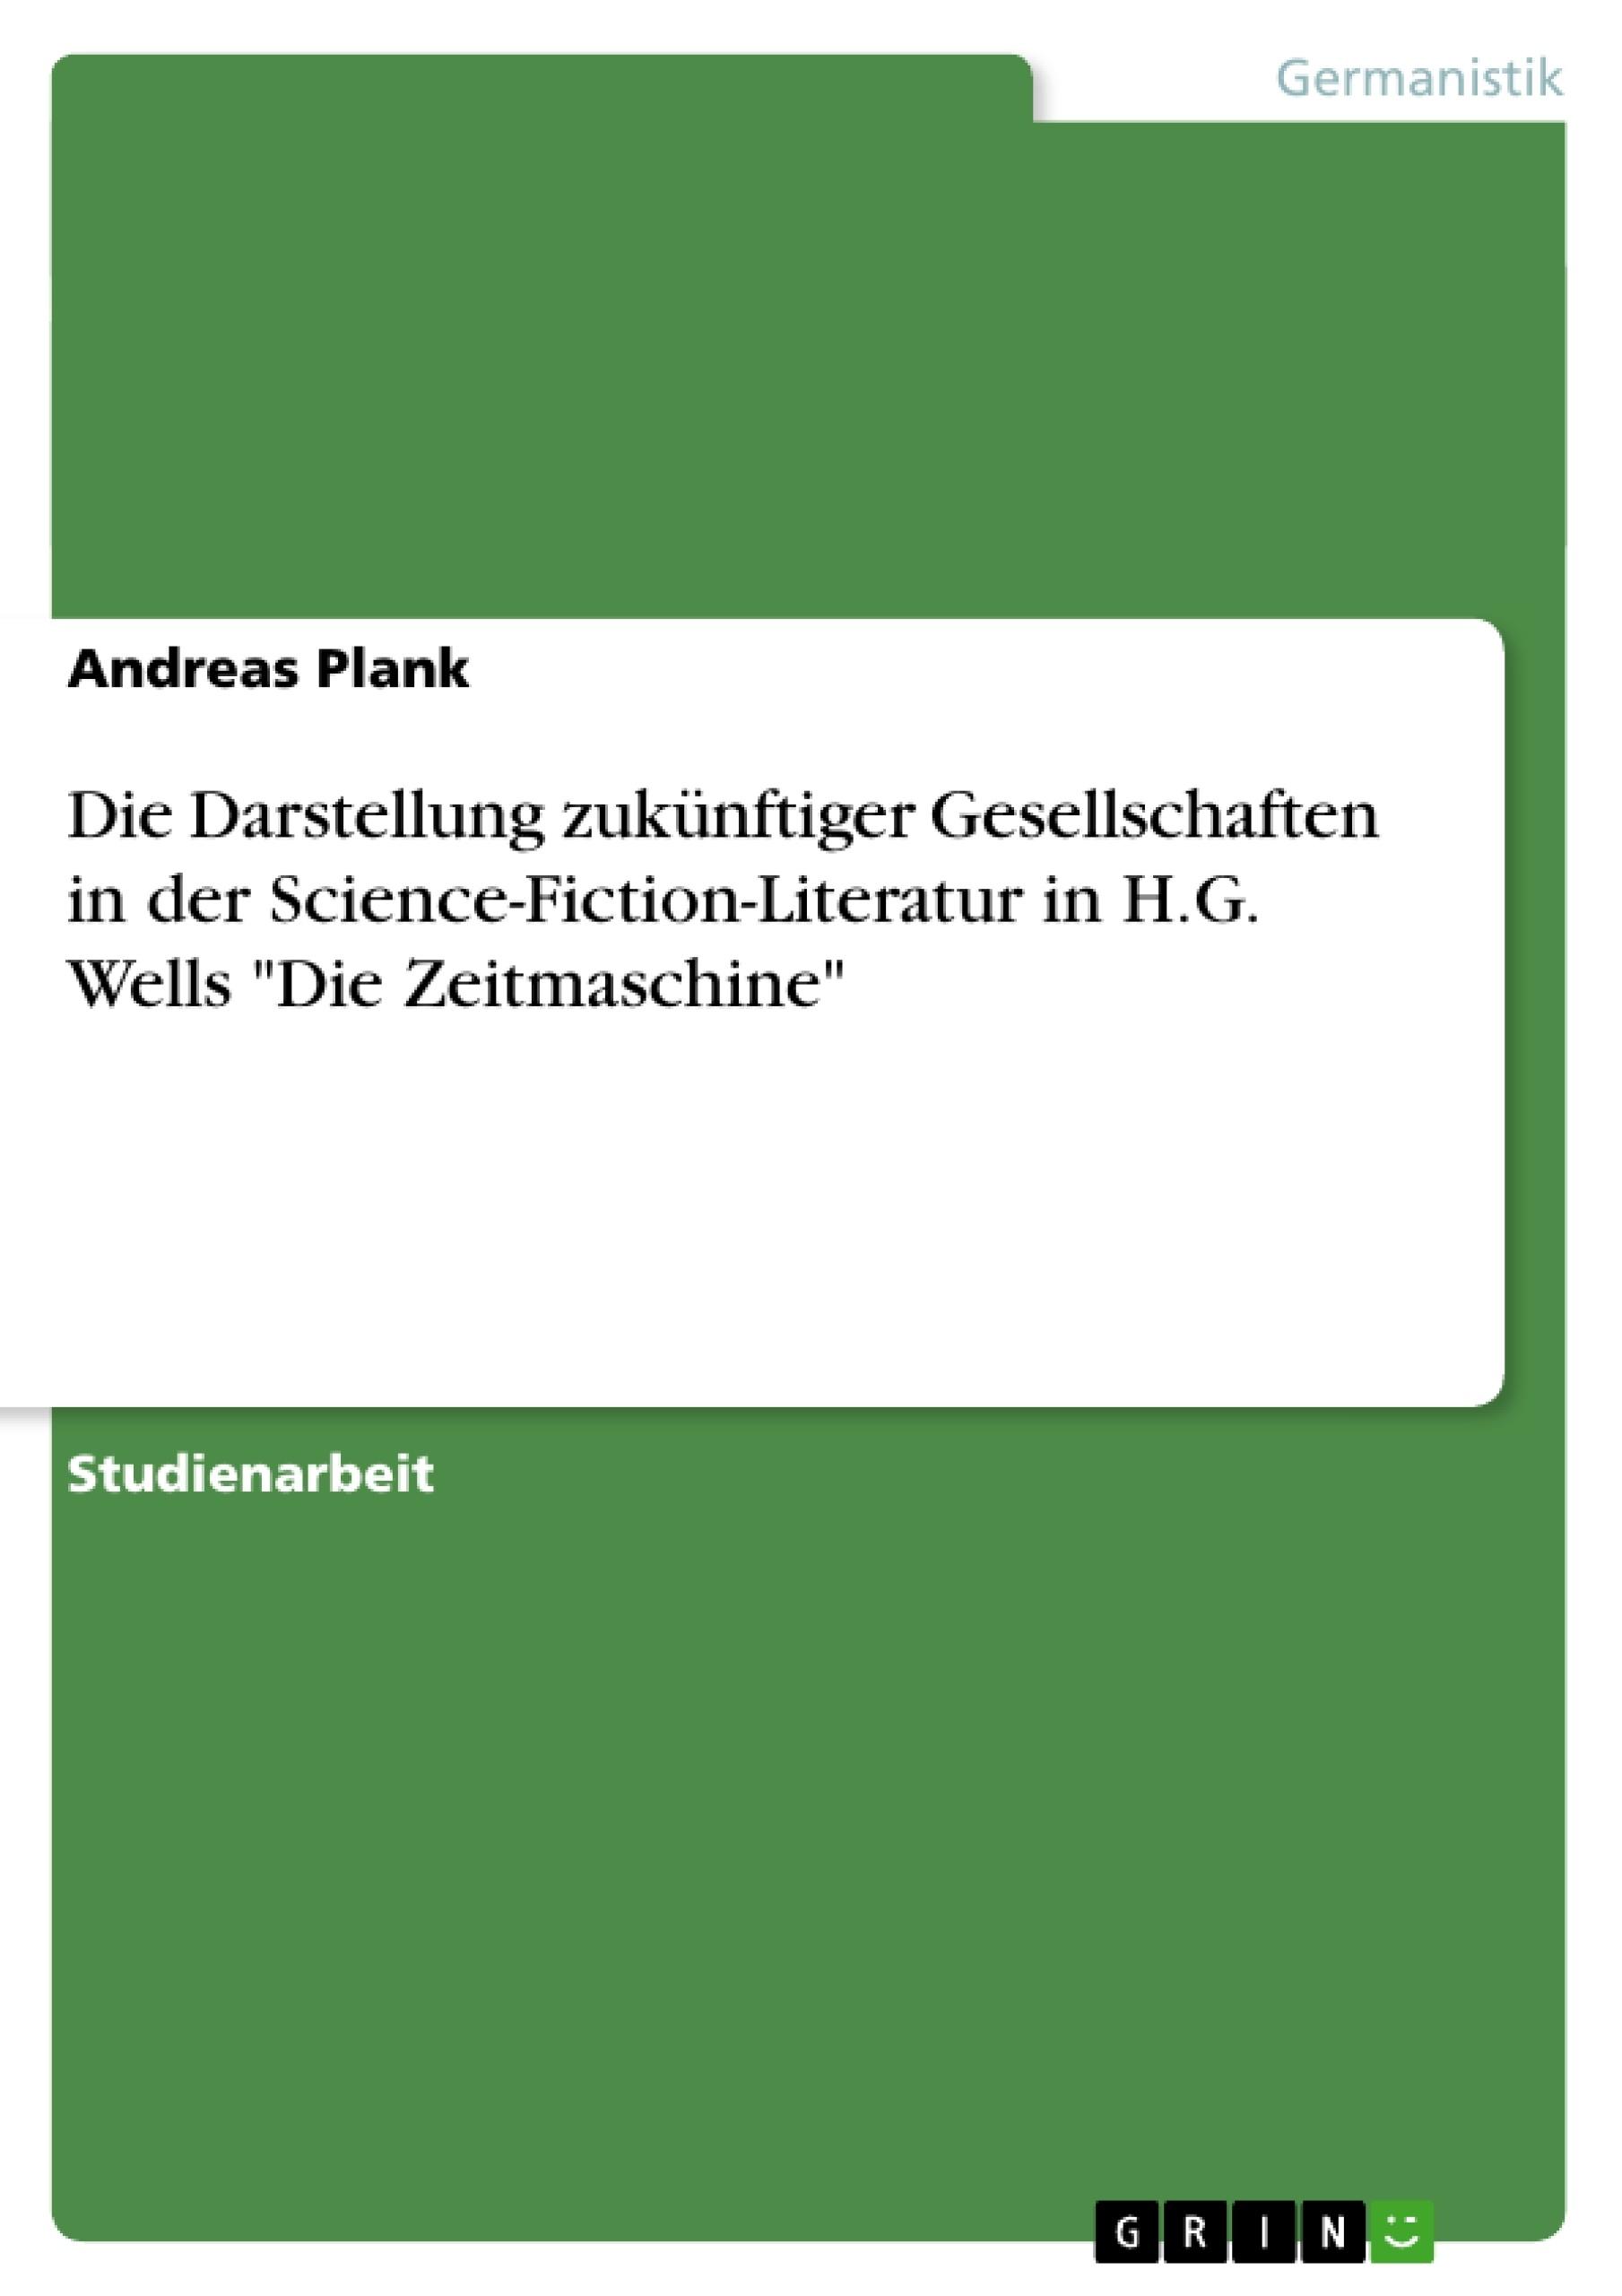 """Titel: Die Darstellung zukünftiger Gesellschaften in der Science-Fiction-Literatur in H.G. Wells """"Die Zeitmaschine"""""""